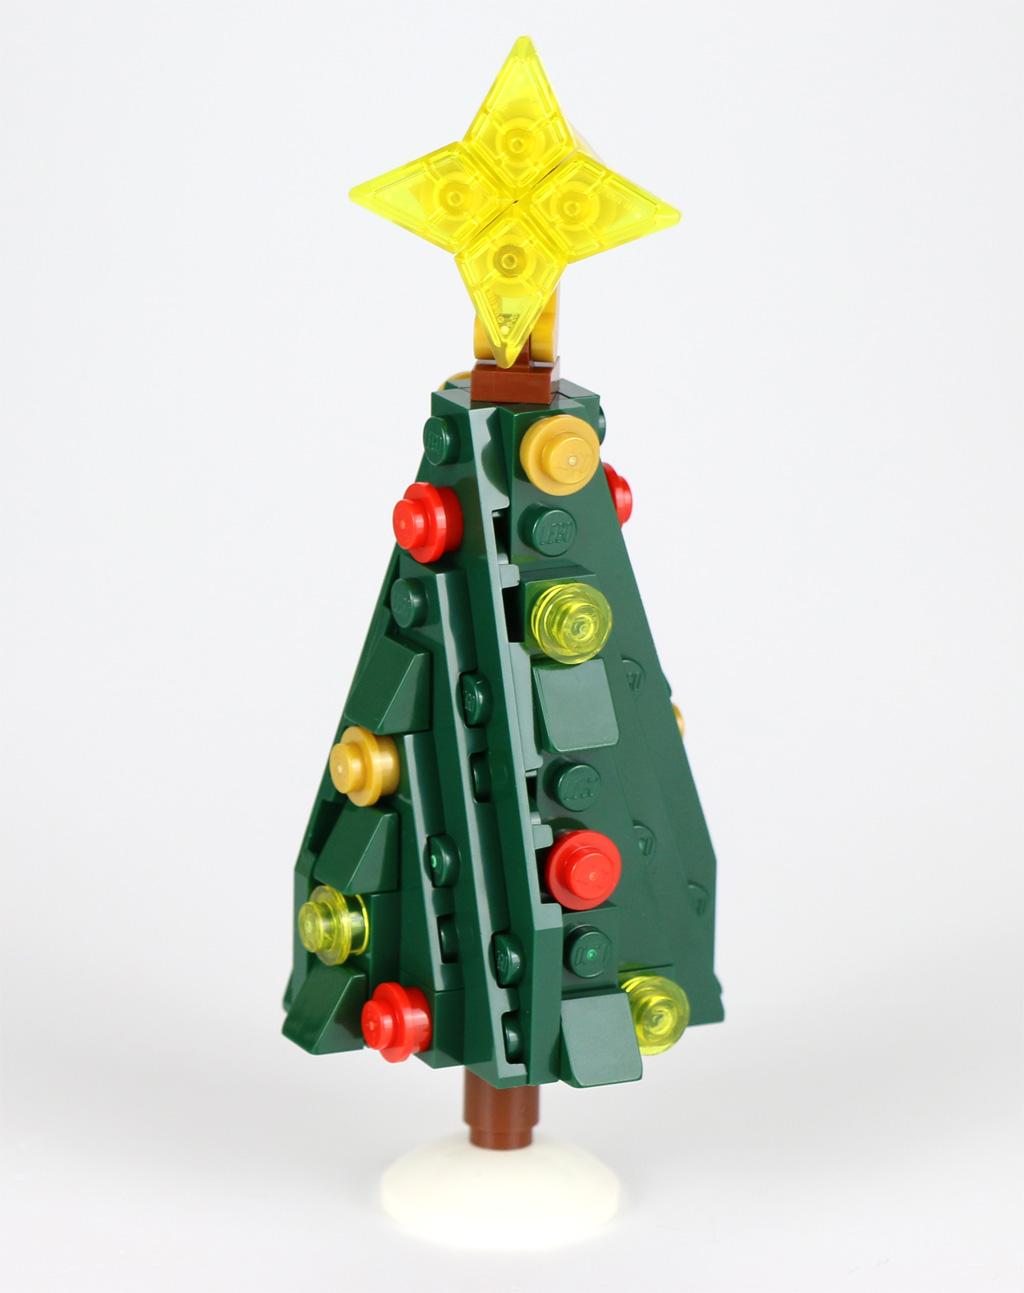 lego-creator-expert-10267-lebkuchenhaus-weihnachtsbaum-spitze-2019-zusammengebaut-andres-lehmann zusammengebaut.com